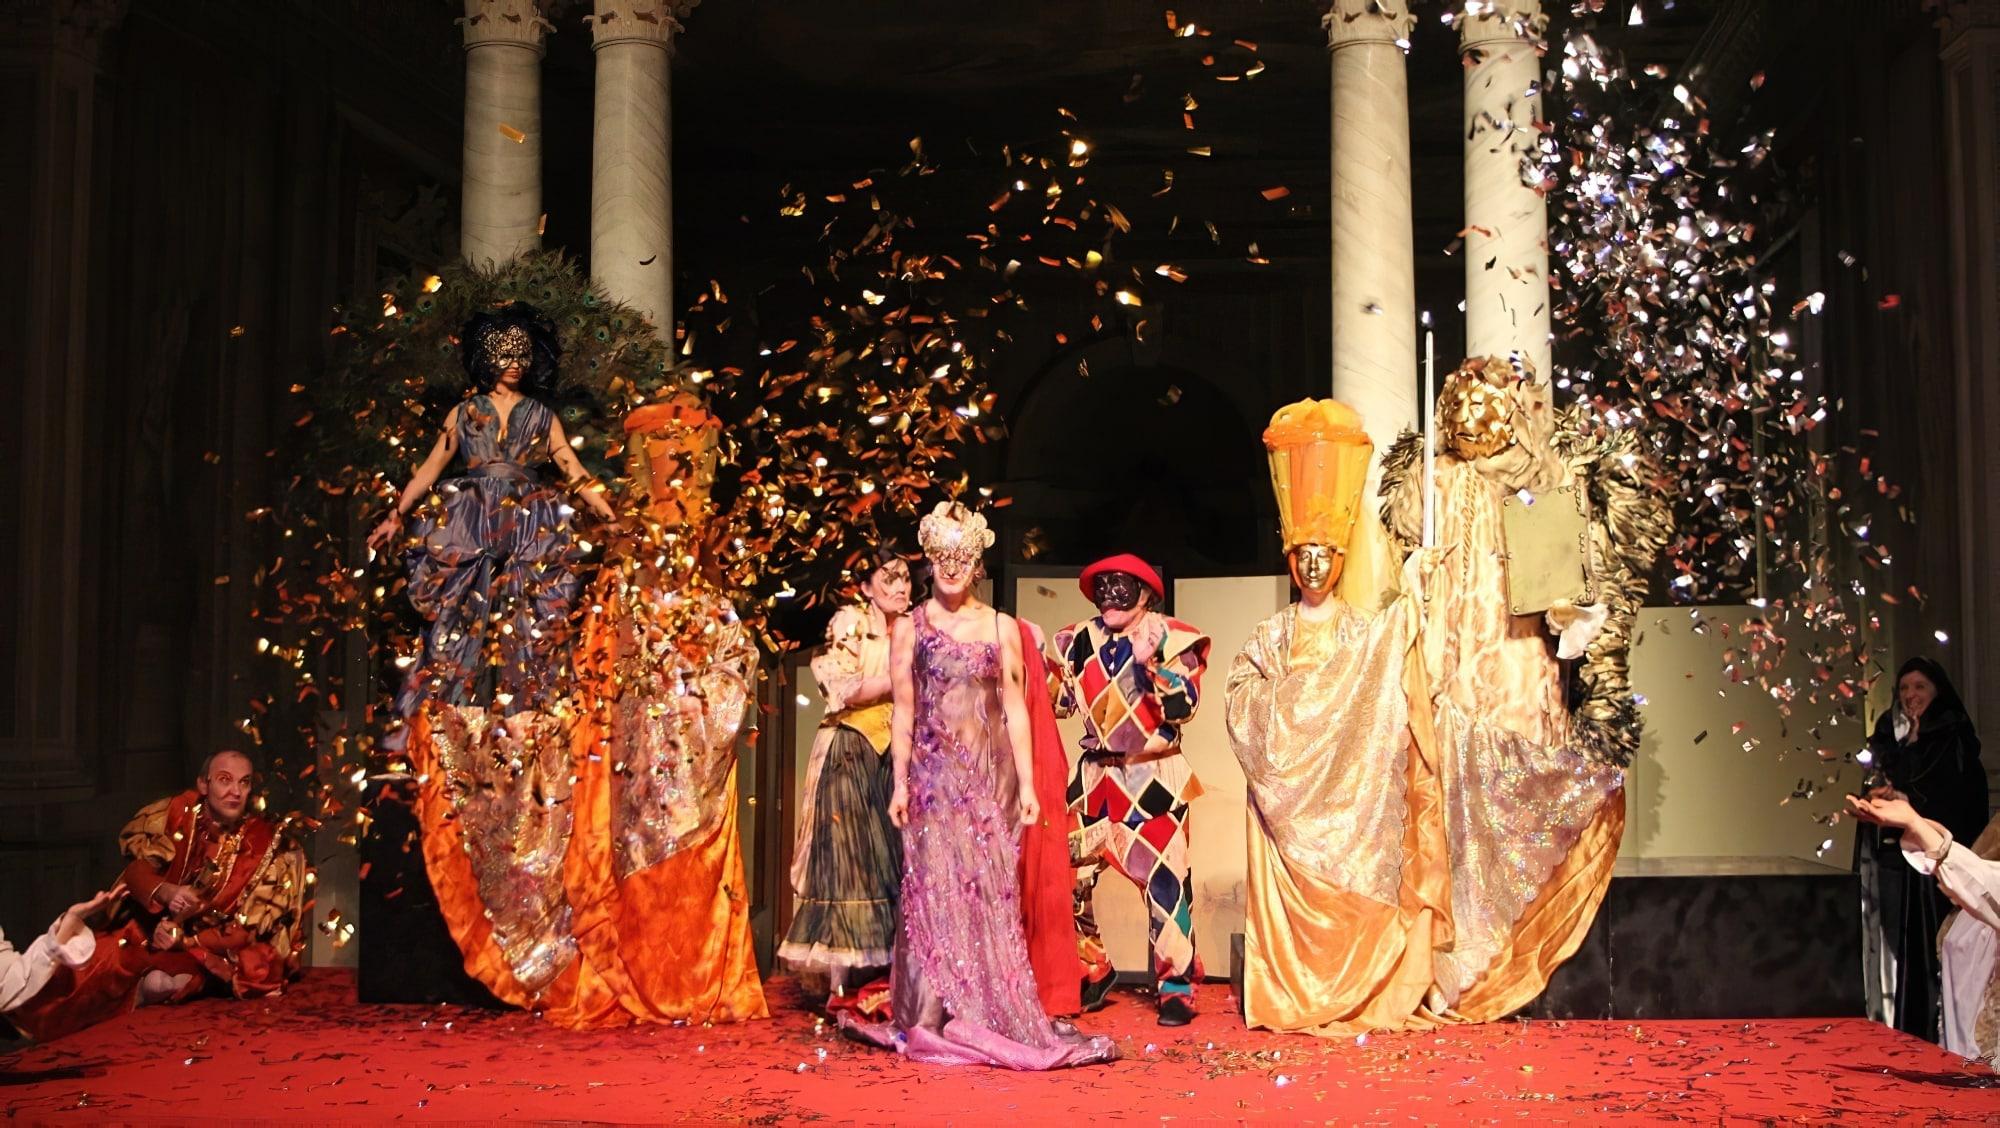 Carnaval de Venise : Dîner spectacle en costume à l'hôtel Monaco & Grand Canal